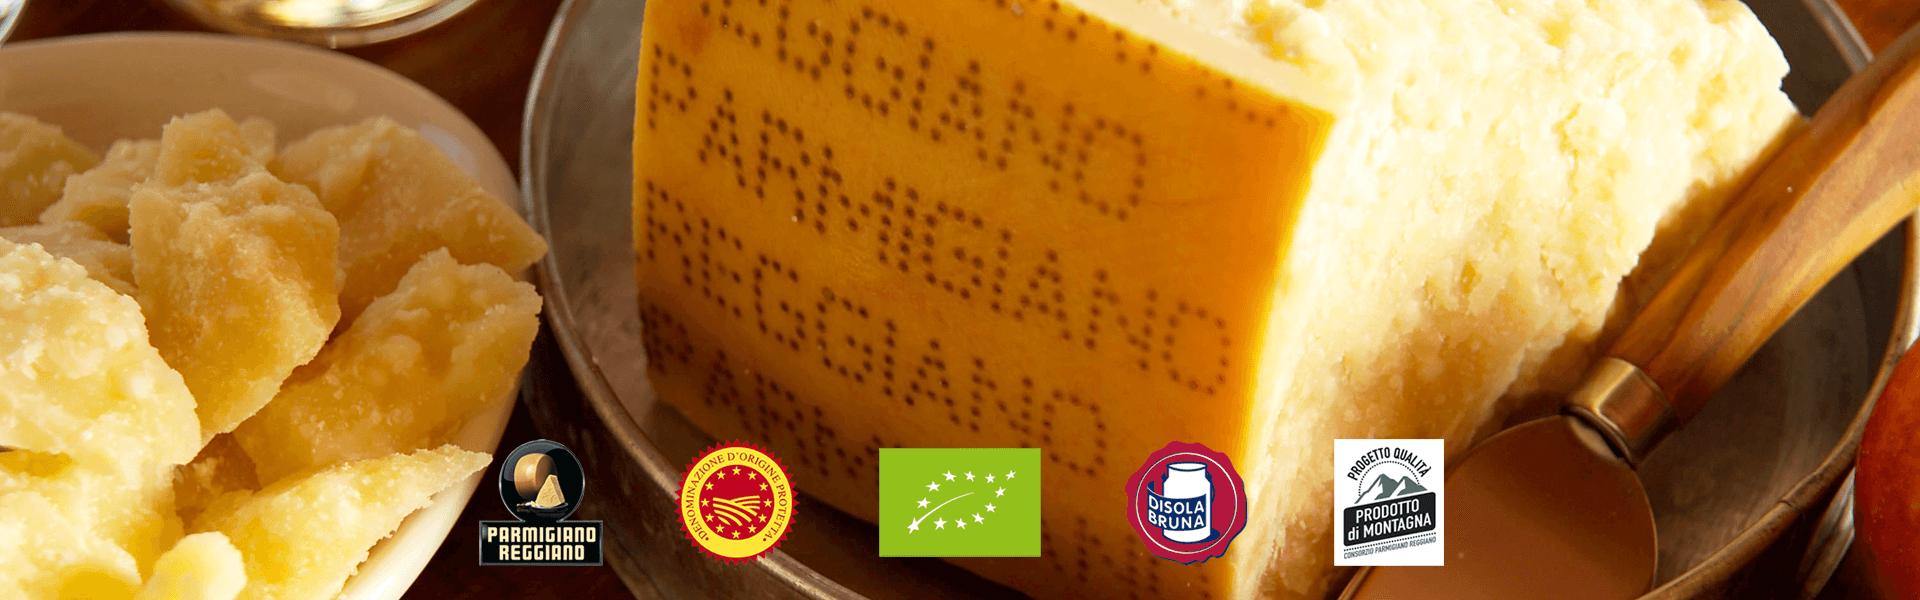 Marchi di qualità Parmigiano Reggiano